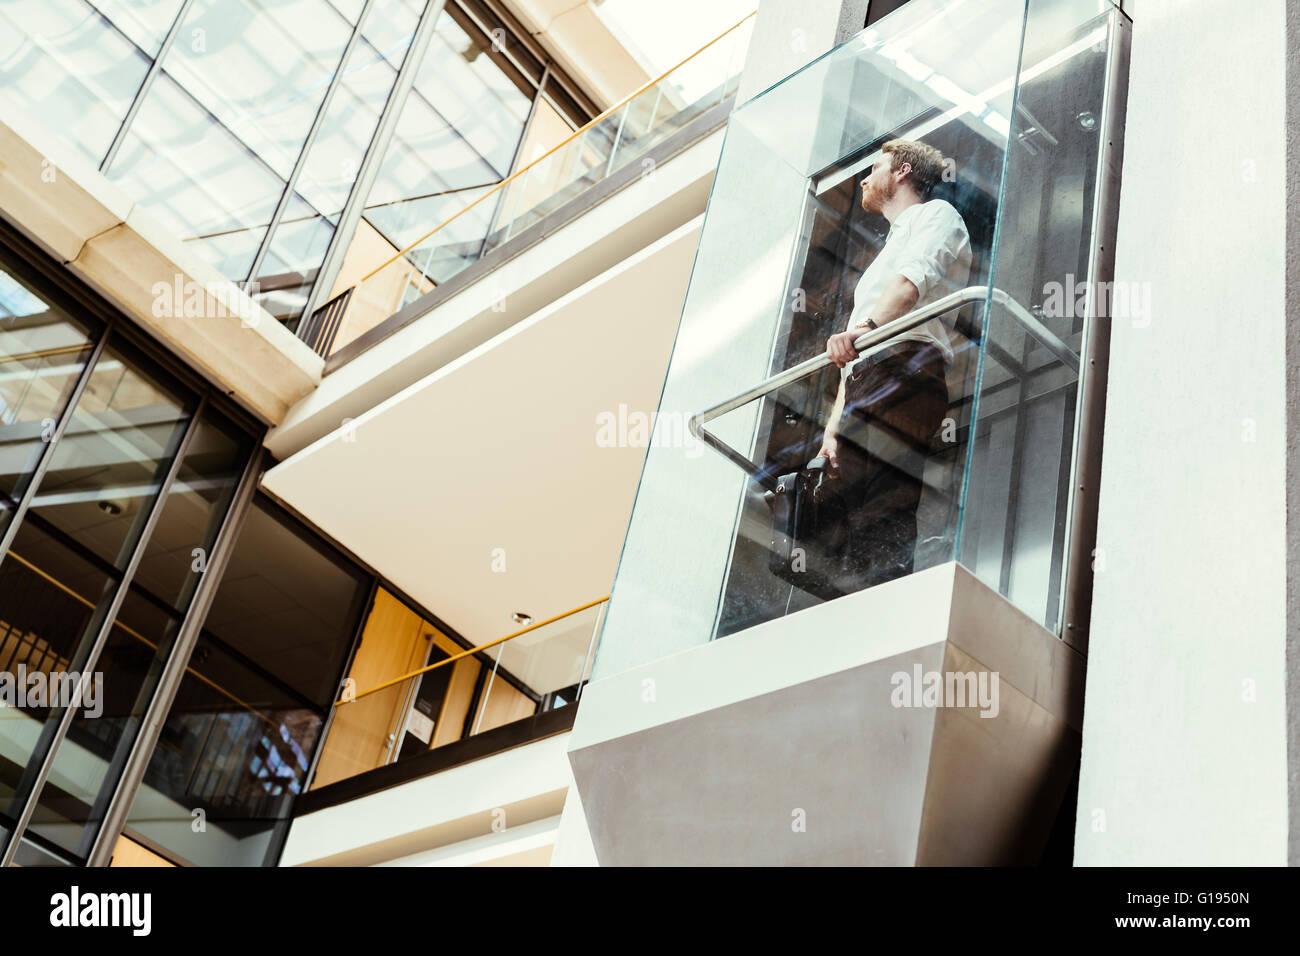 Unternehmer, die unter modernen gläsernen Aufzug zu den oberen Stockwerken Stockbild